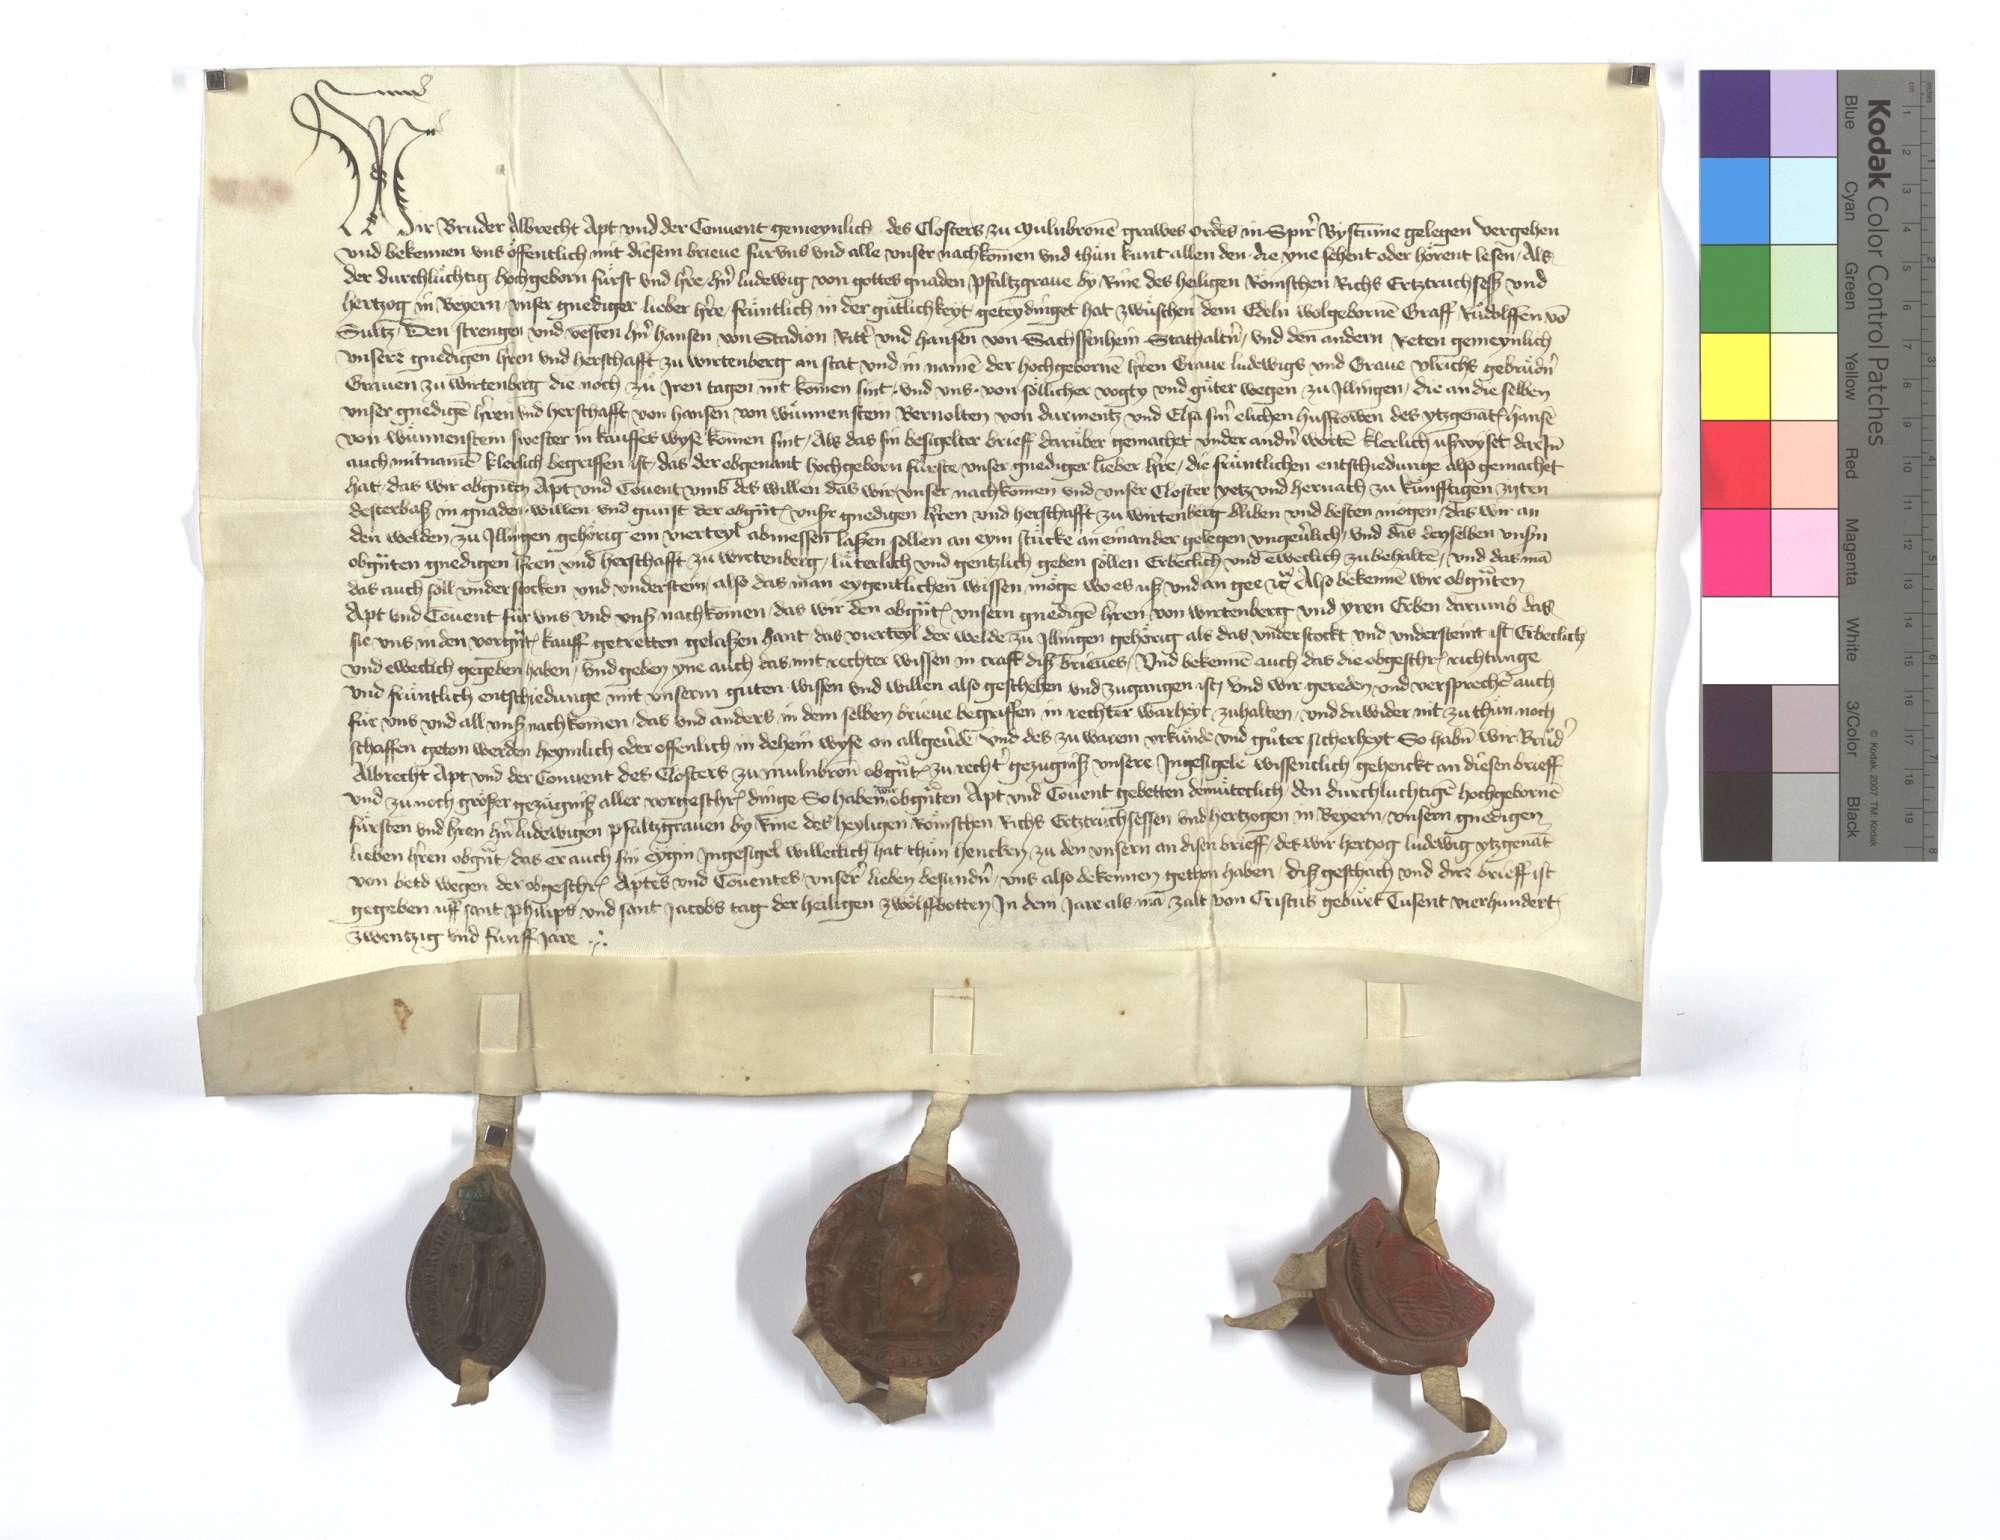 Fertigung Abts und Konvents zu Maulbronn um 1/4 Walds in Illingen, den sie der Herrschaft Württemberg (Wirtemberg) kraft vorstehender Vereinbarung überlassen haben., Text